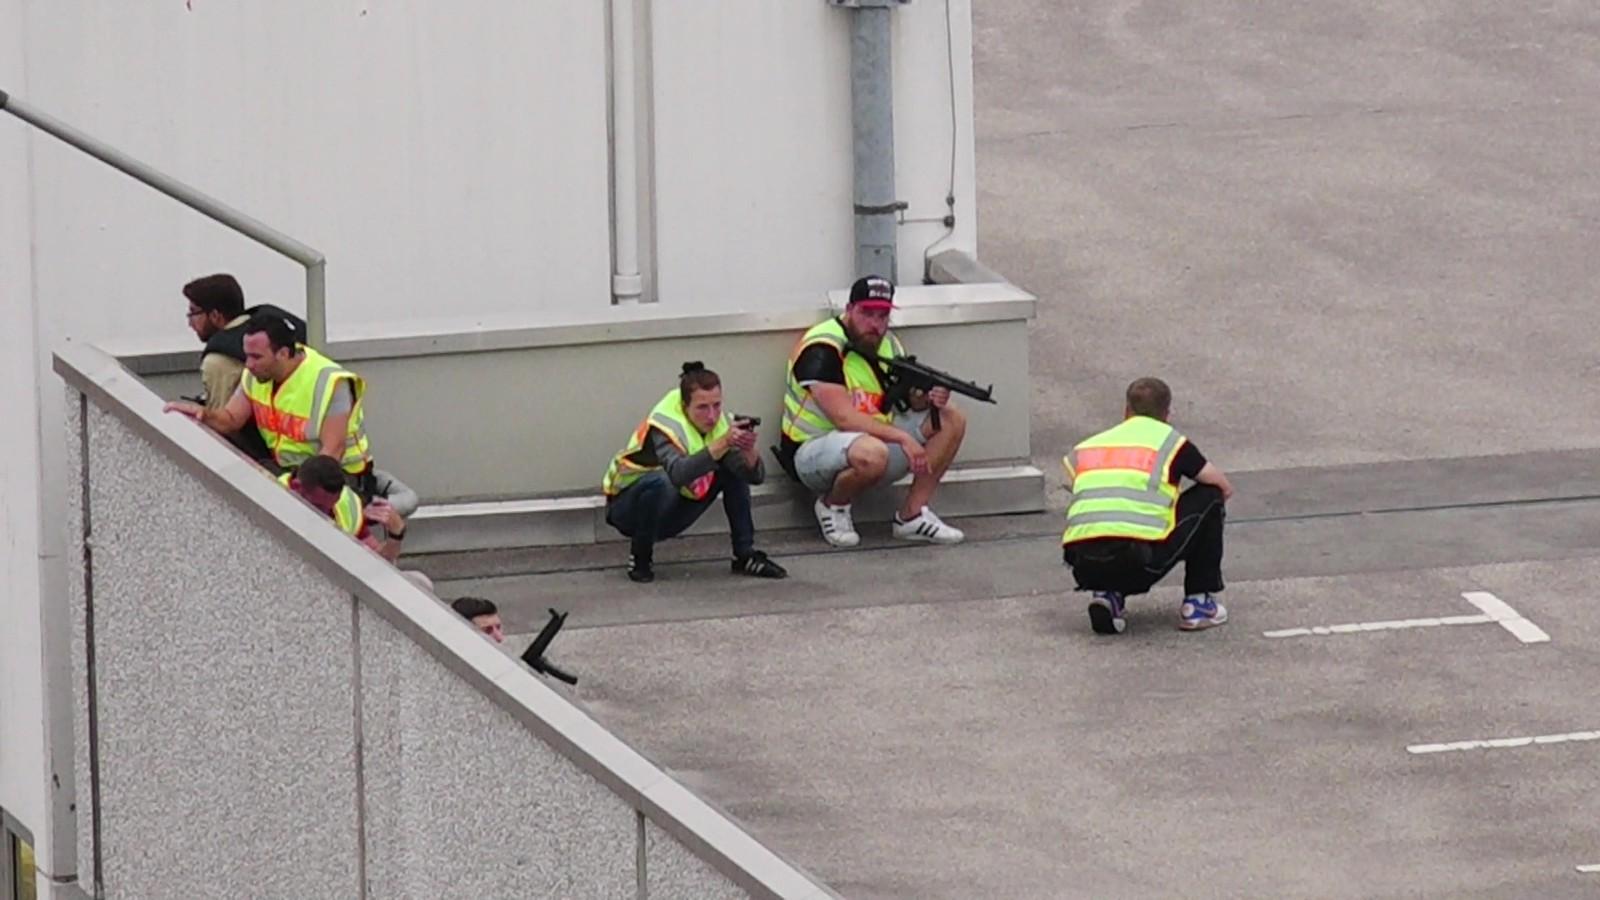 PÅ TAKET: Bildet viser politi som er i ferd med å sikre et parkeringshus i tilknytning til Olympia-kjøpesenteret i München.